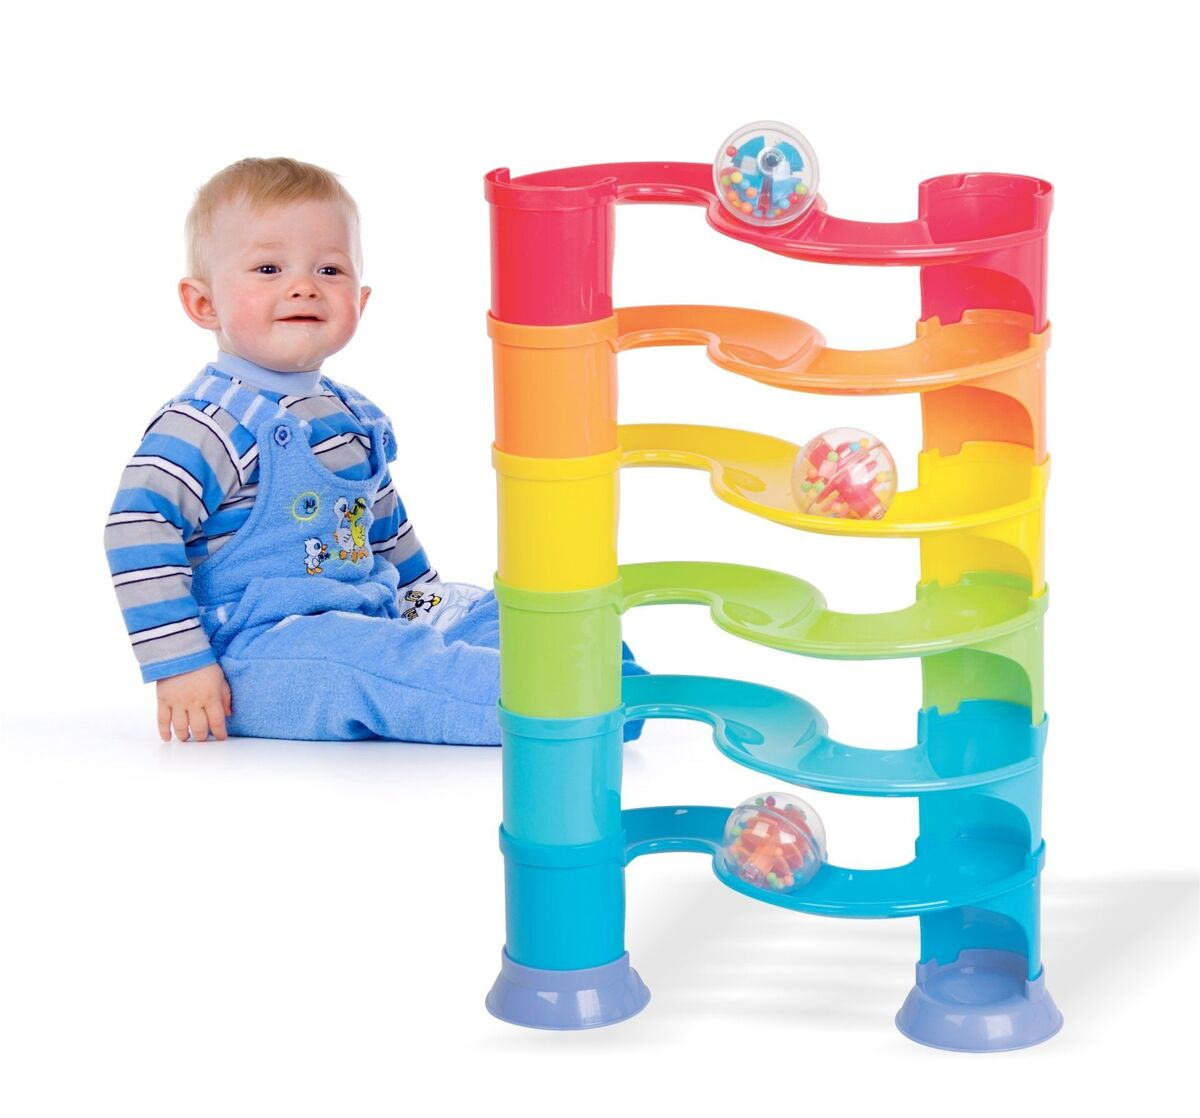 Brinquedo Escorregador de Bola Para Bebes Divertido MapToy